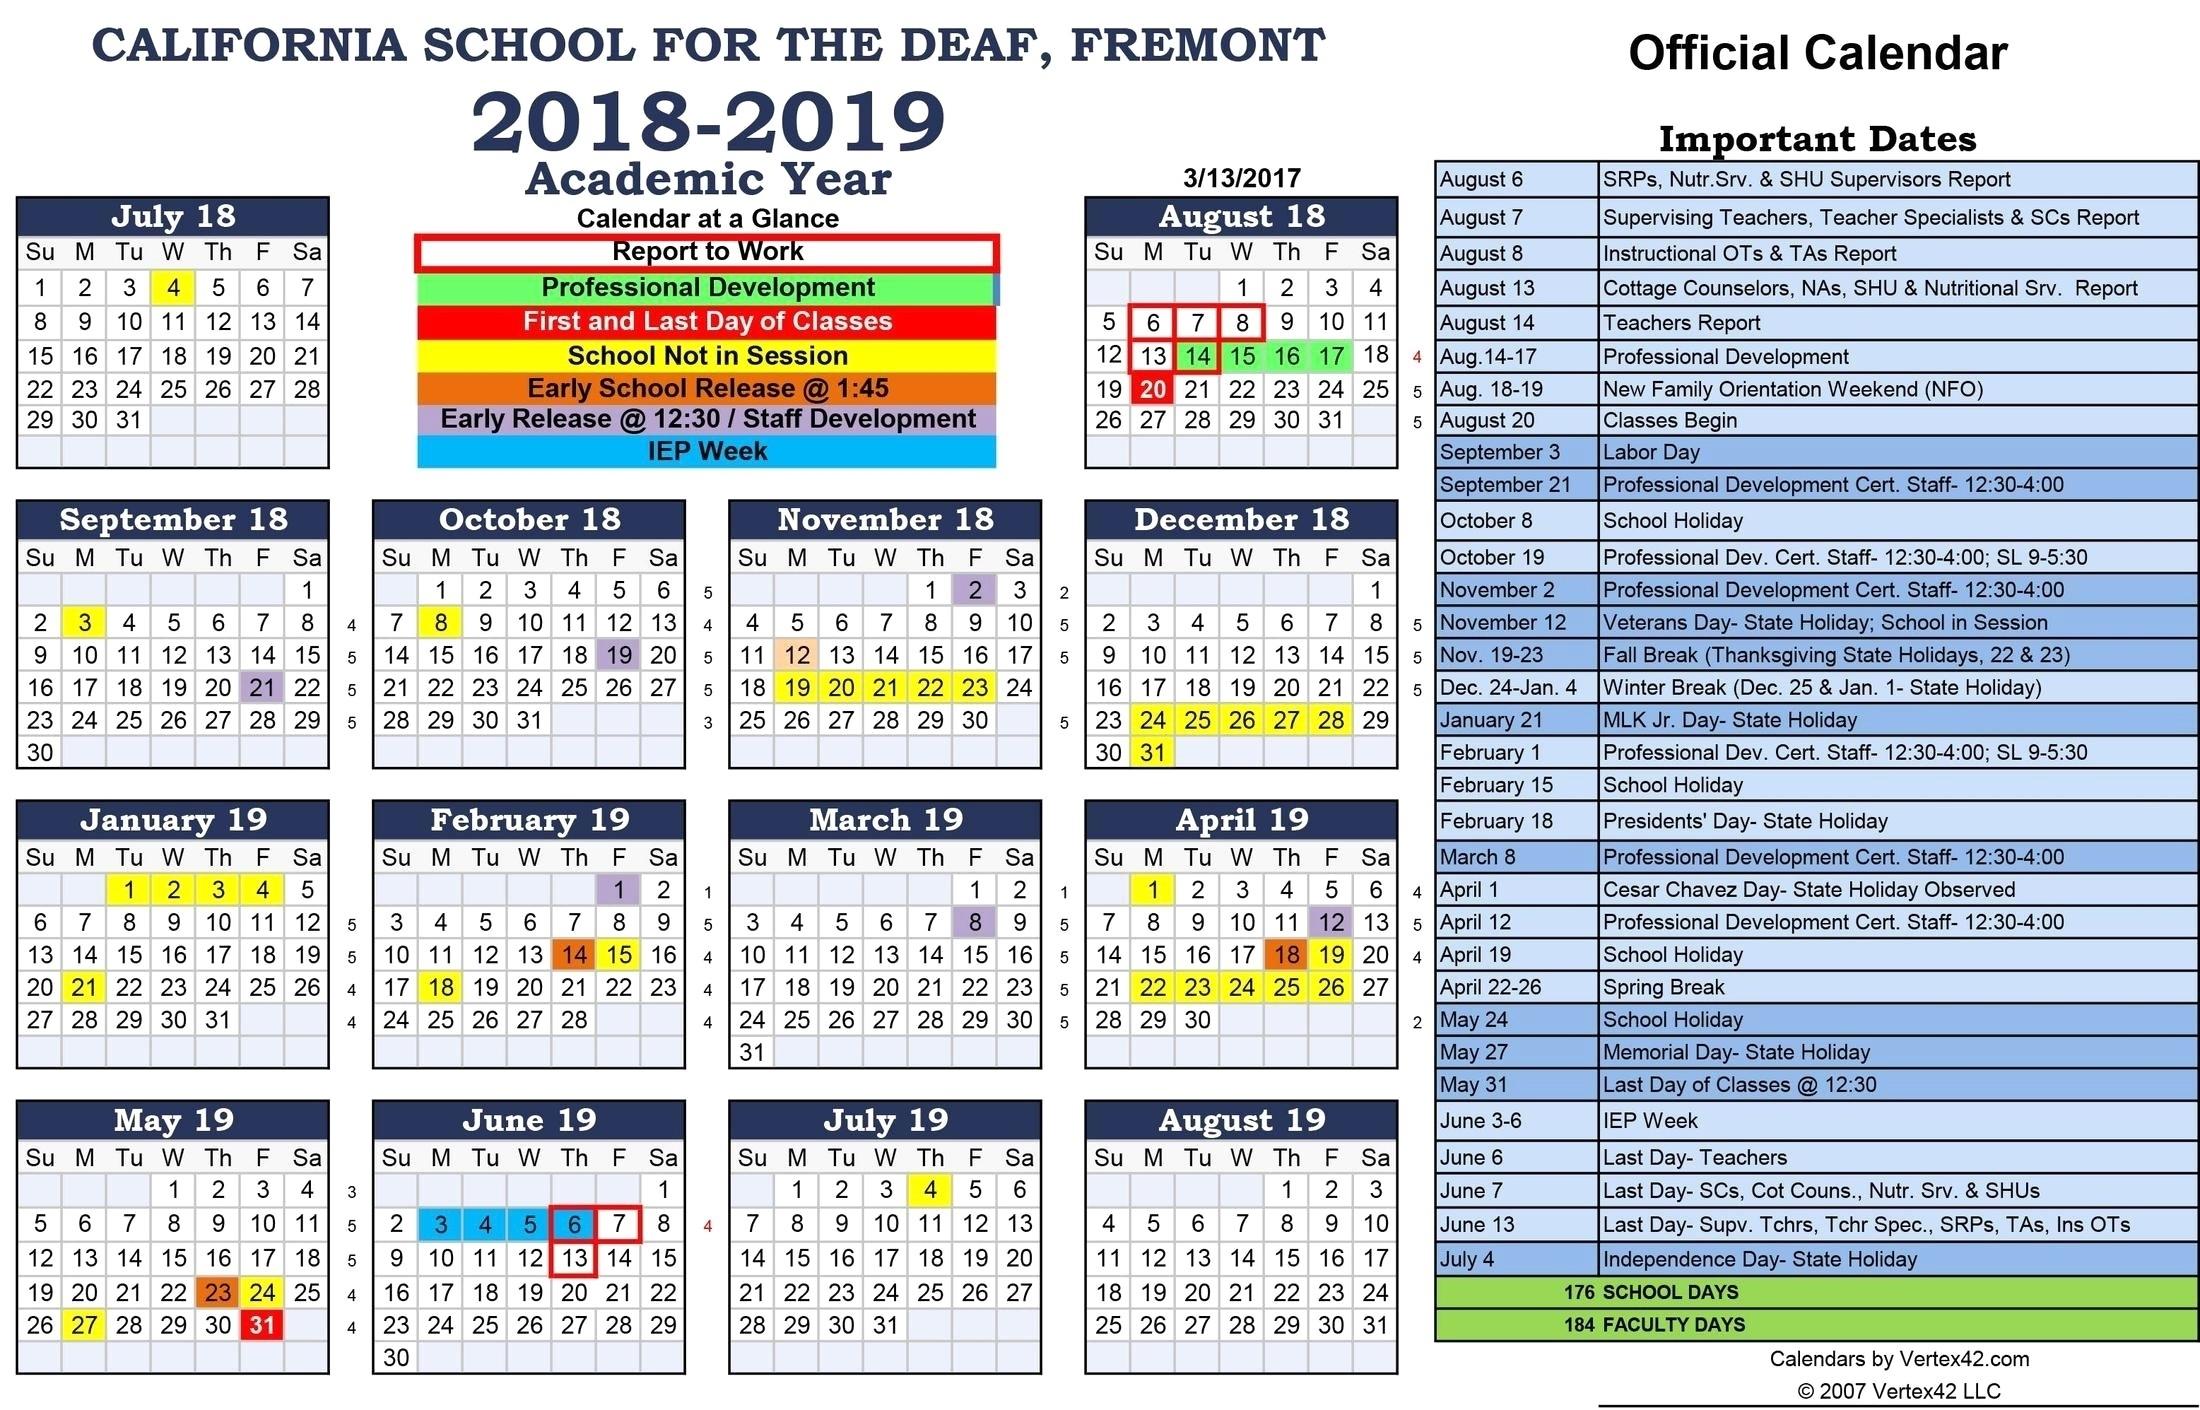 Uc Berkeley Academic Calendar 2017 | Calendar For Planning in Uc Berkeley 2019-2020 Academic Calendar